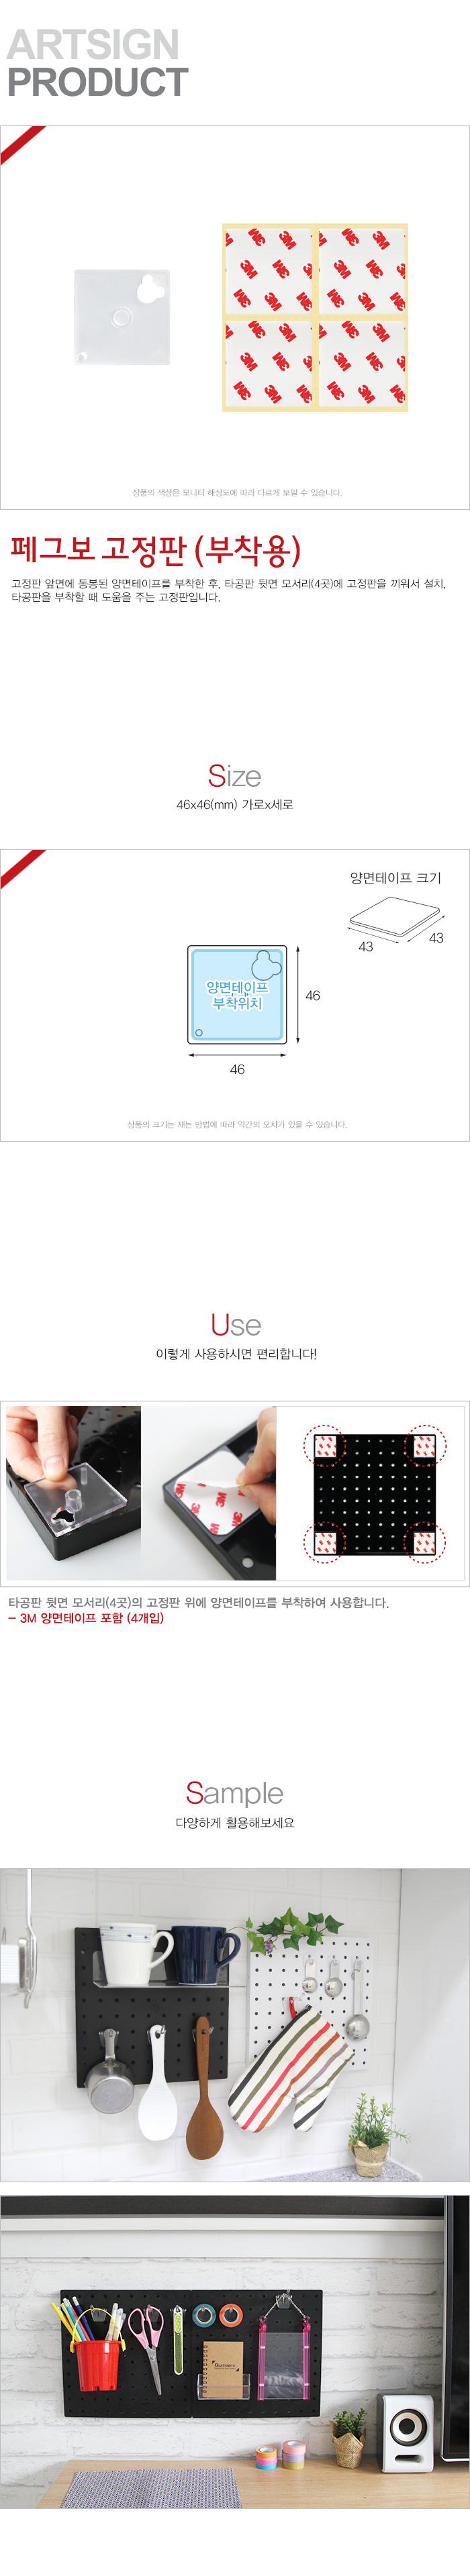 페그보 고정판 17SS 신상 - 아트사인, 800원, 장식/부자재, 벽장식